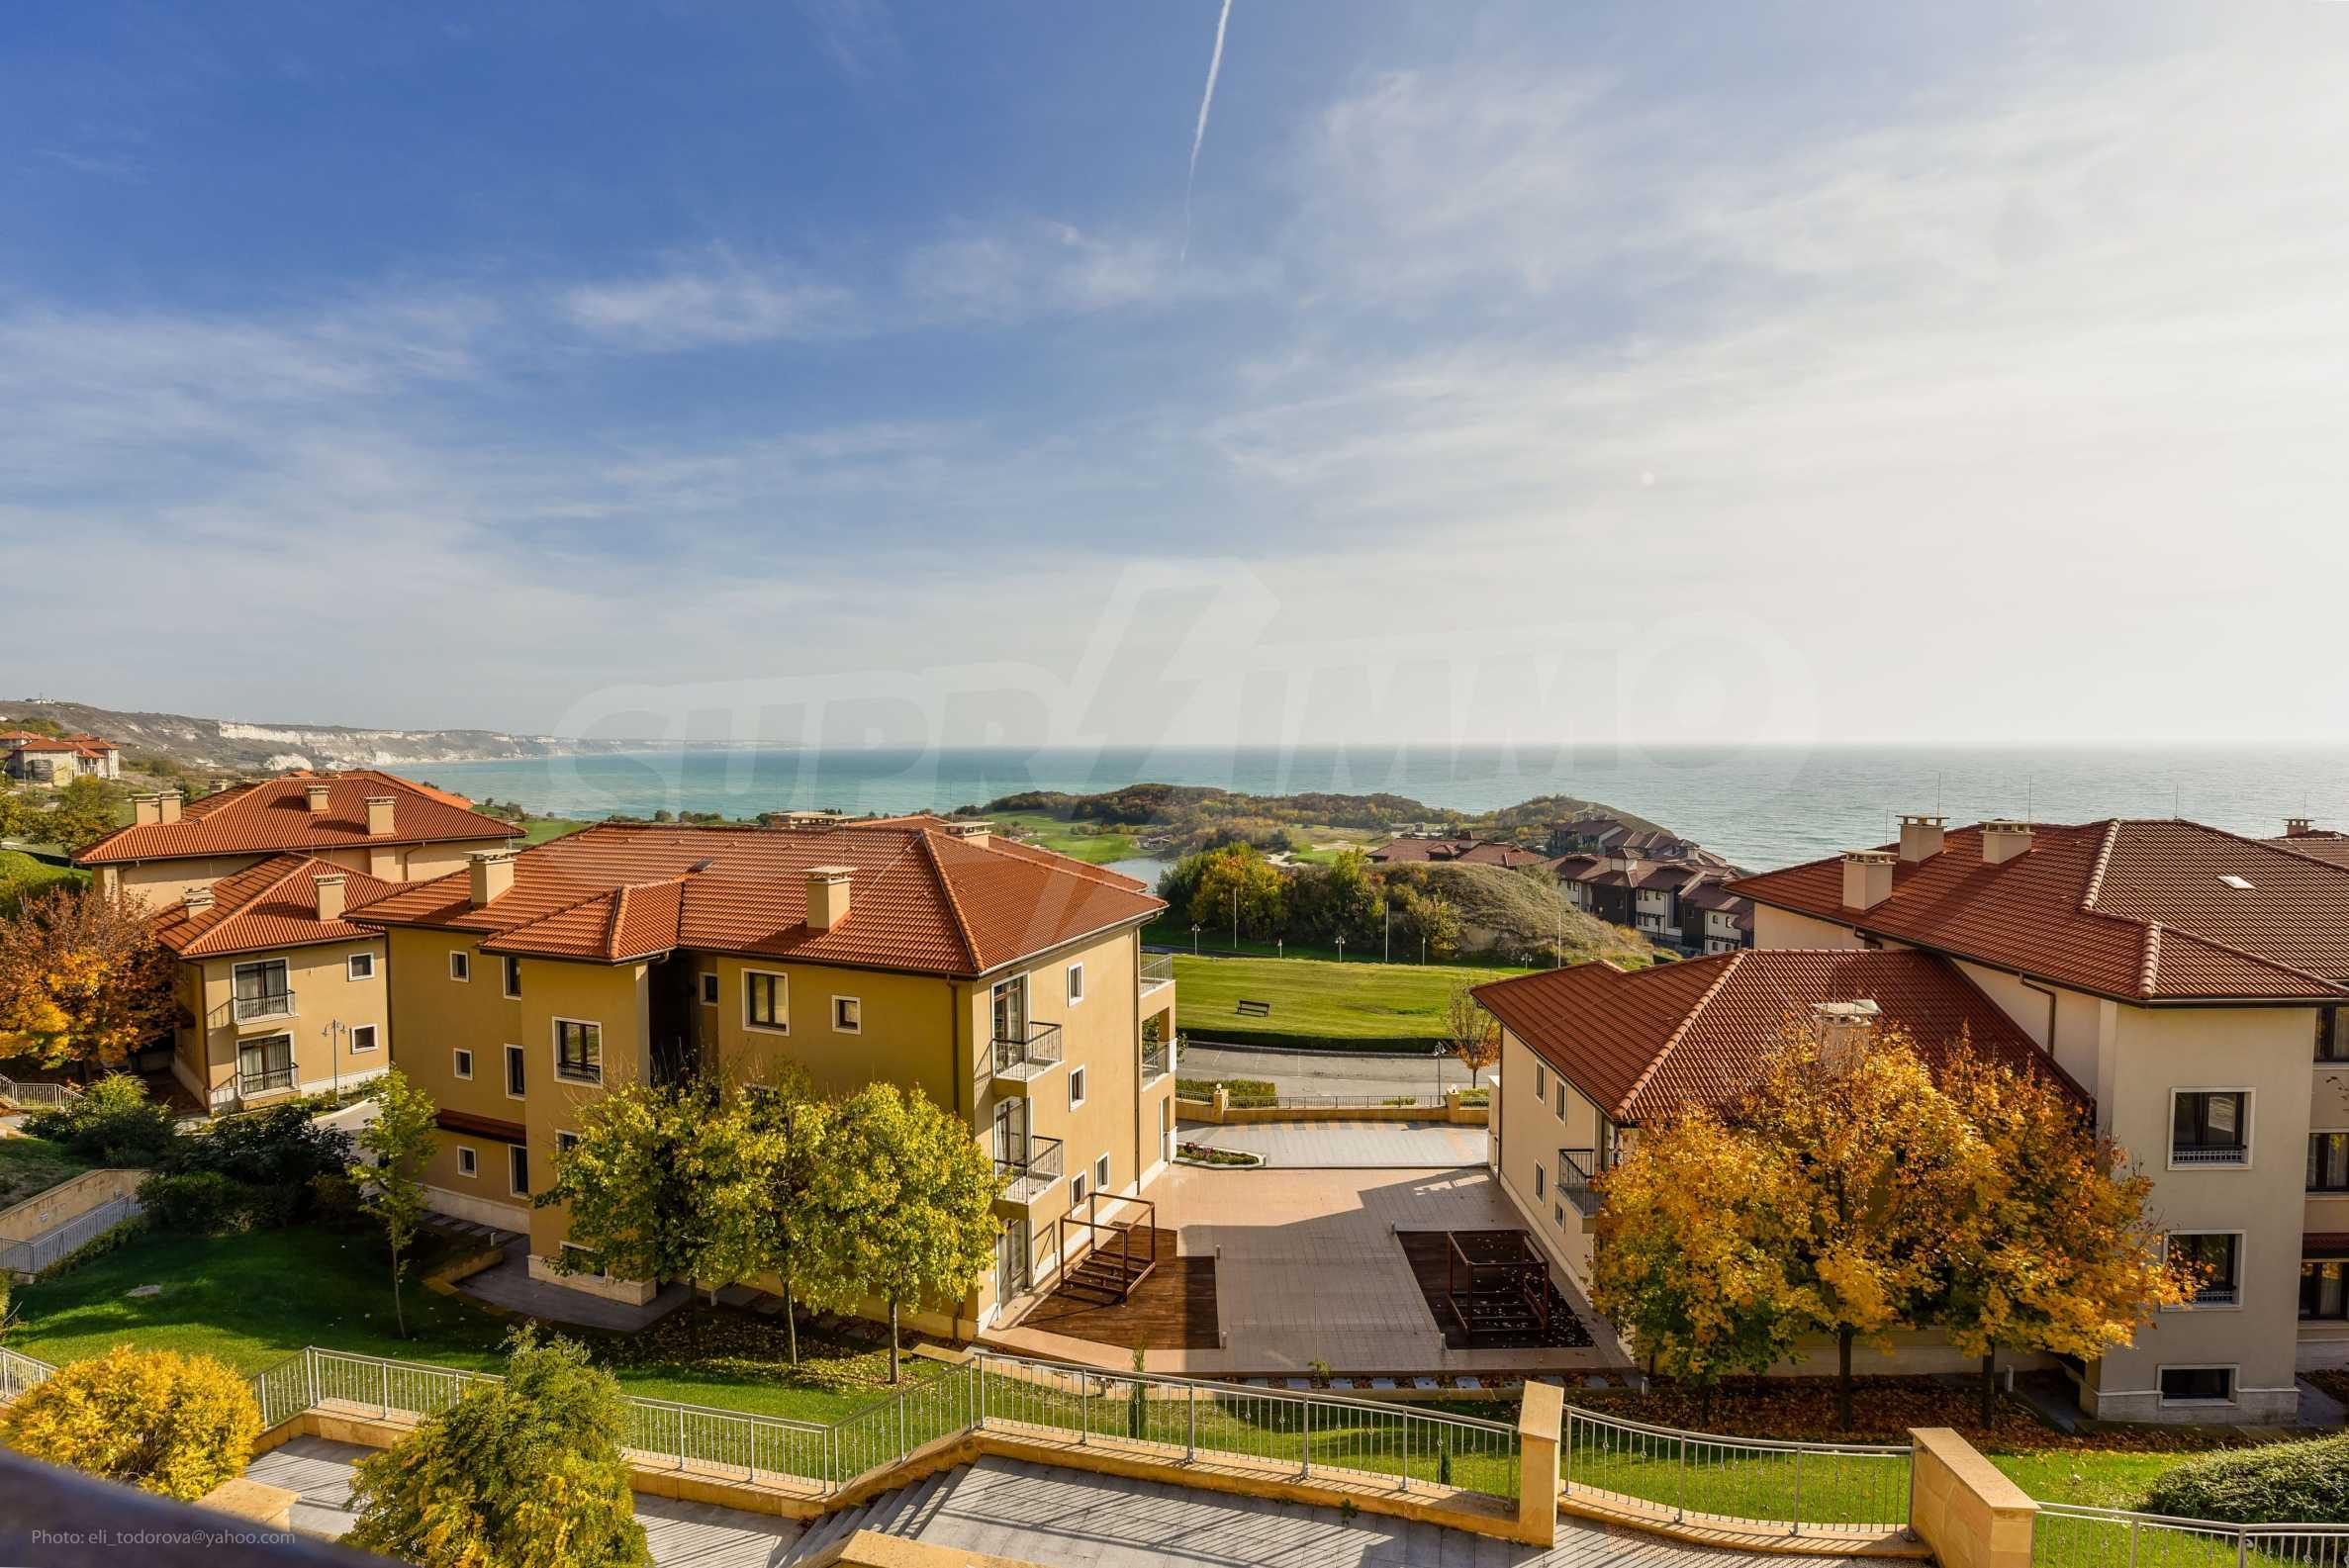 Thracian Cliffs Golf & Beach Resort - гольф-курорт мирового класса 3